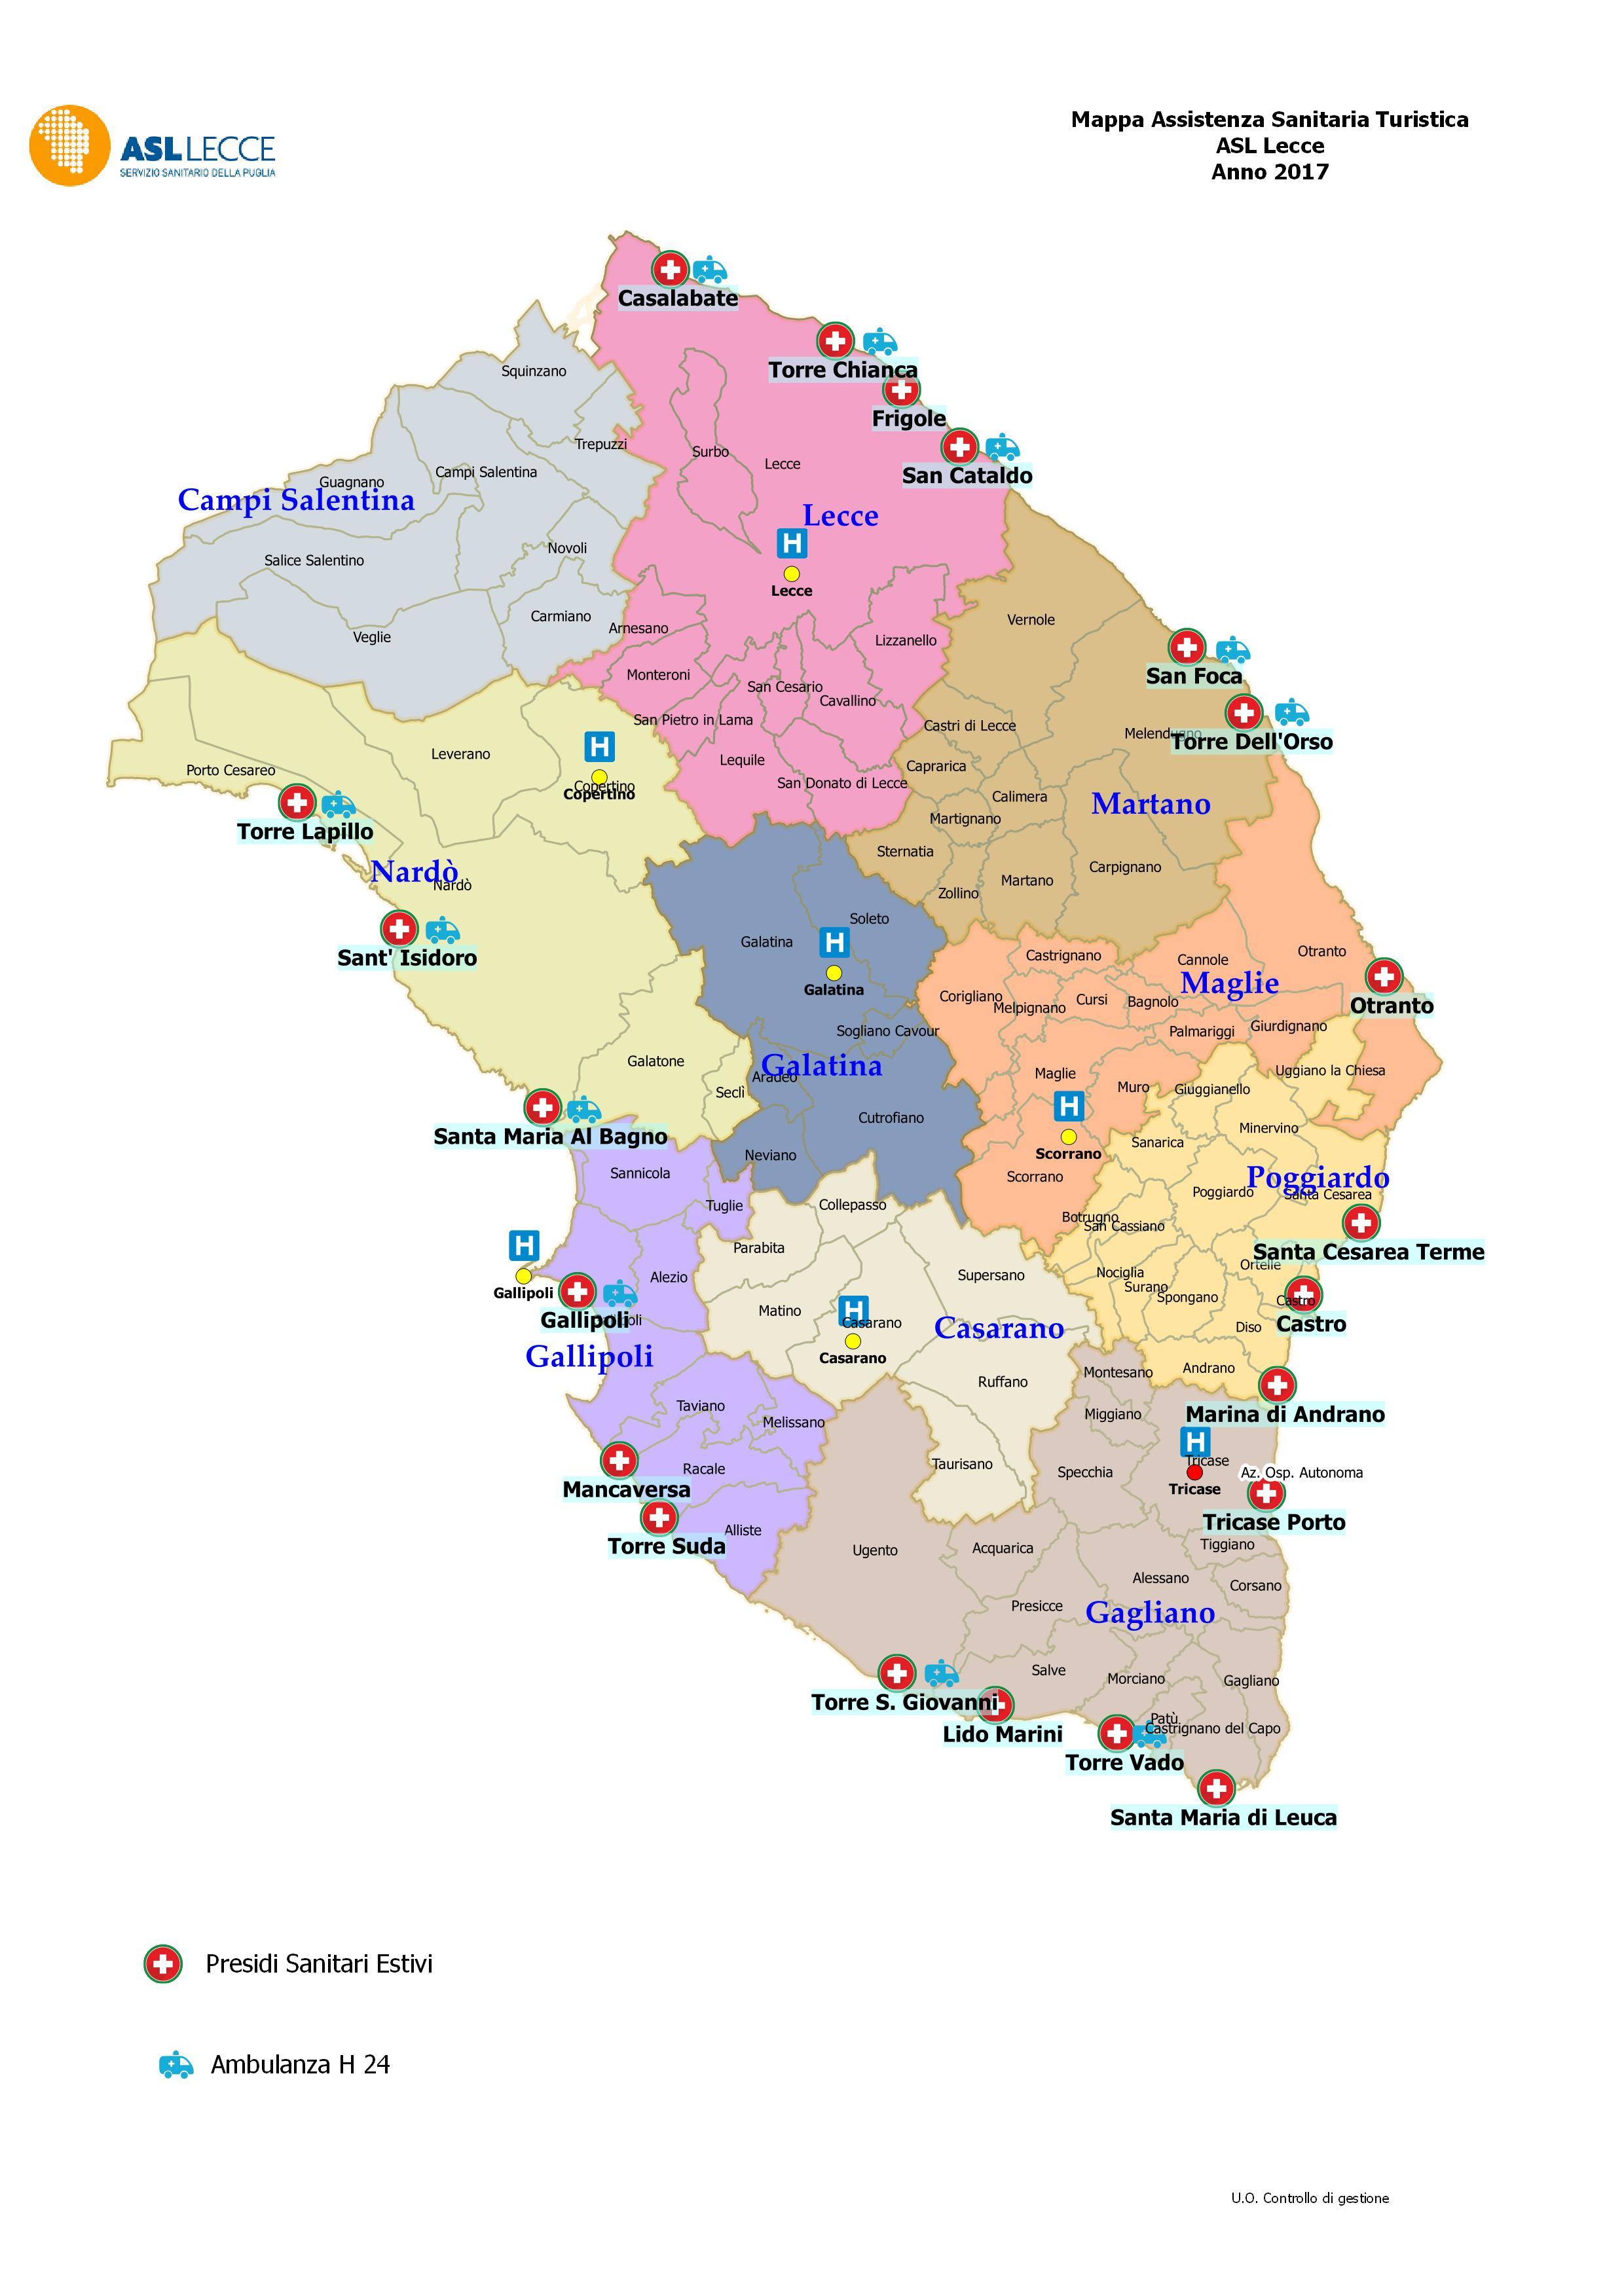 Pronti i presidi sanitari per le marine ecco la mappa del soccorso piazzasalento - Specchia lecce mappa ...